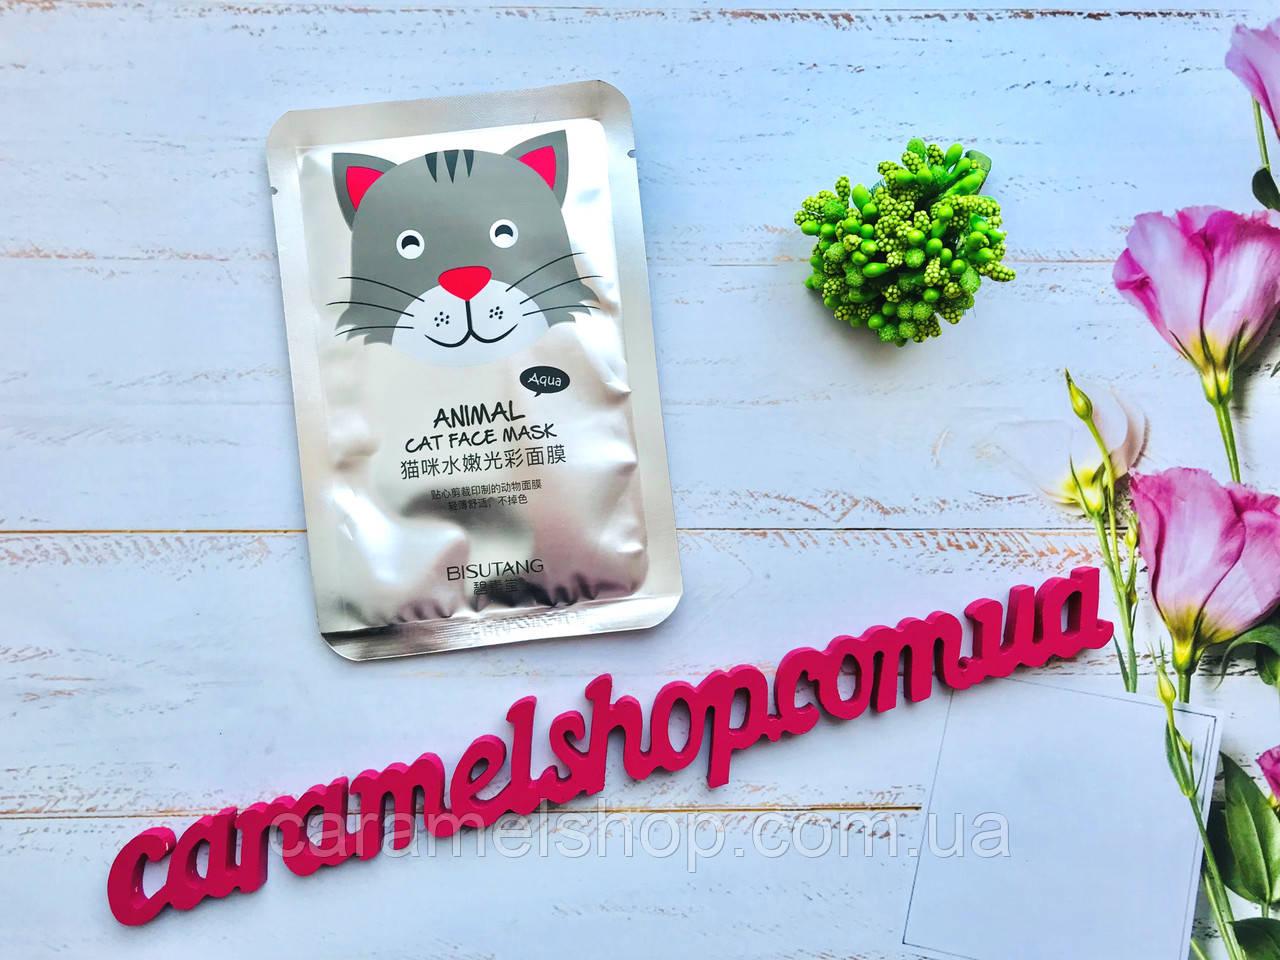 Питательная маска для лица Bisutang Animal Cat Face Mask (Котик)